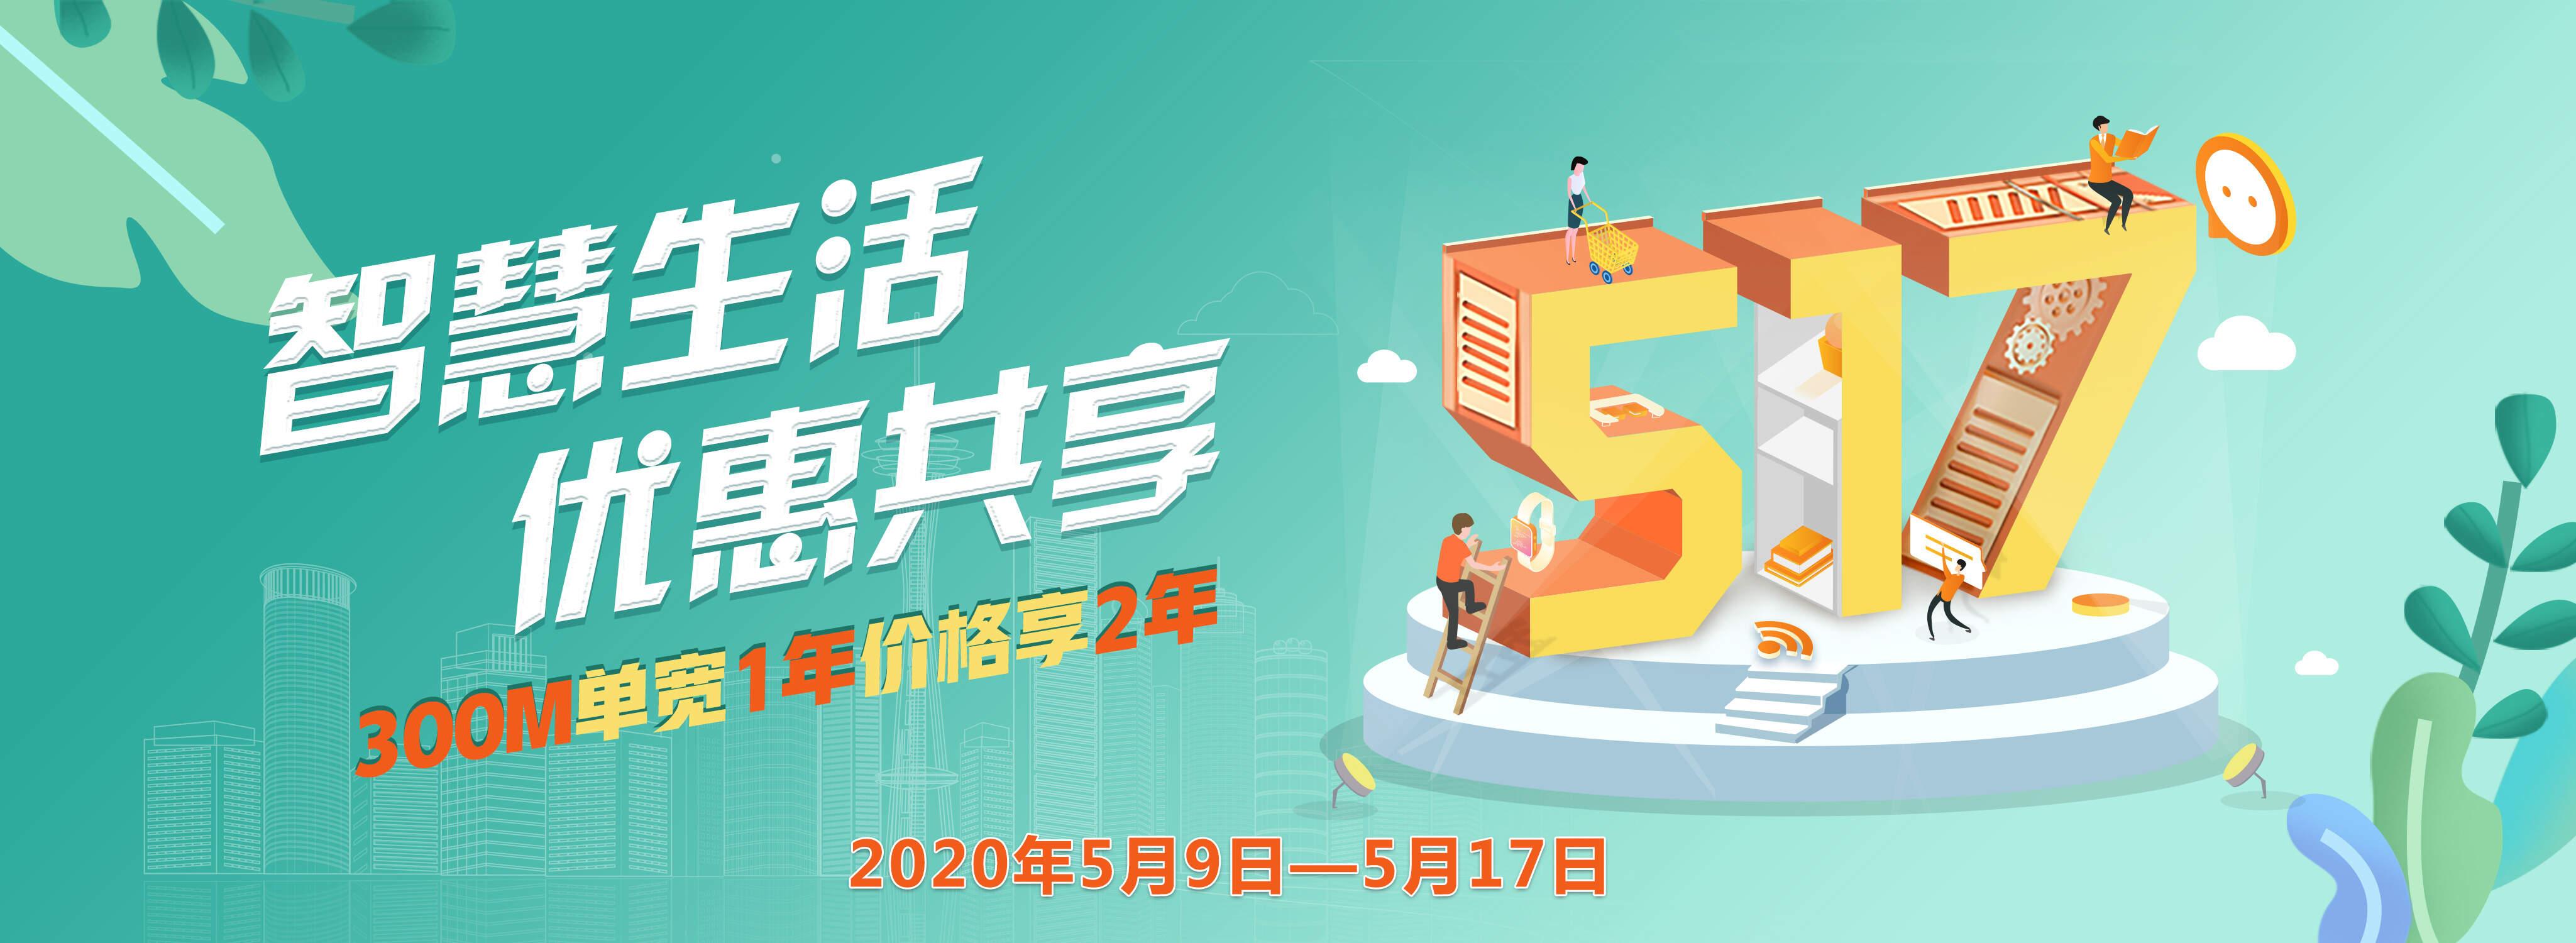 上海联通_上海联通4g套餐资费介绍_上海联通宽带_上海联通合约手机-中国